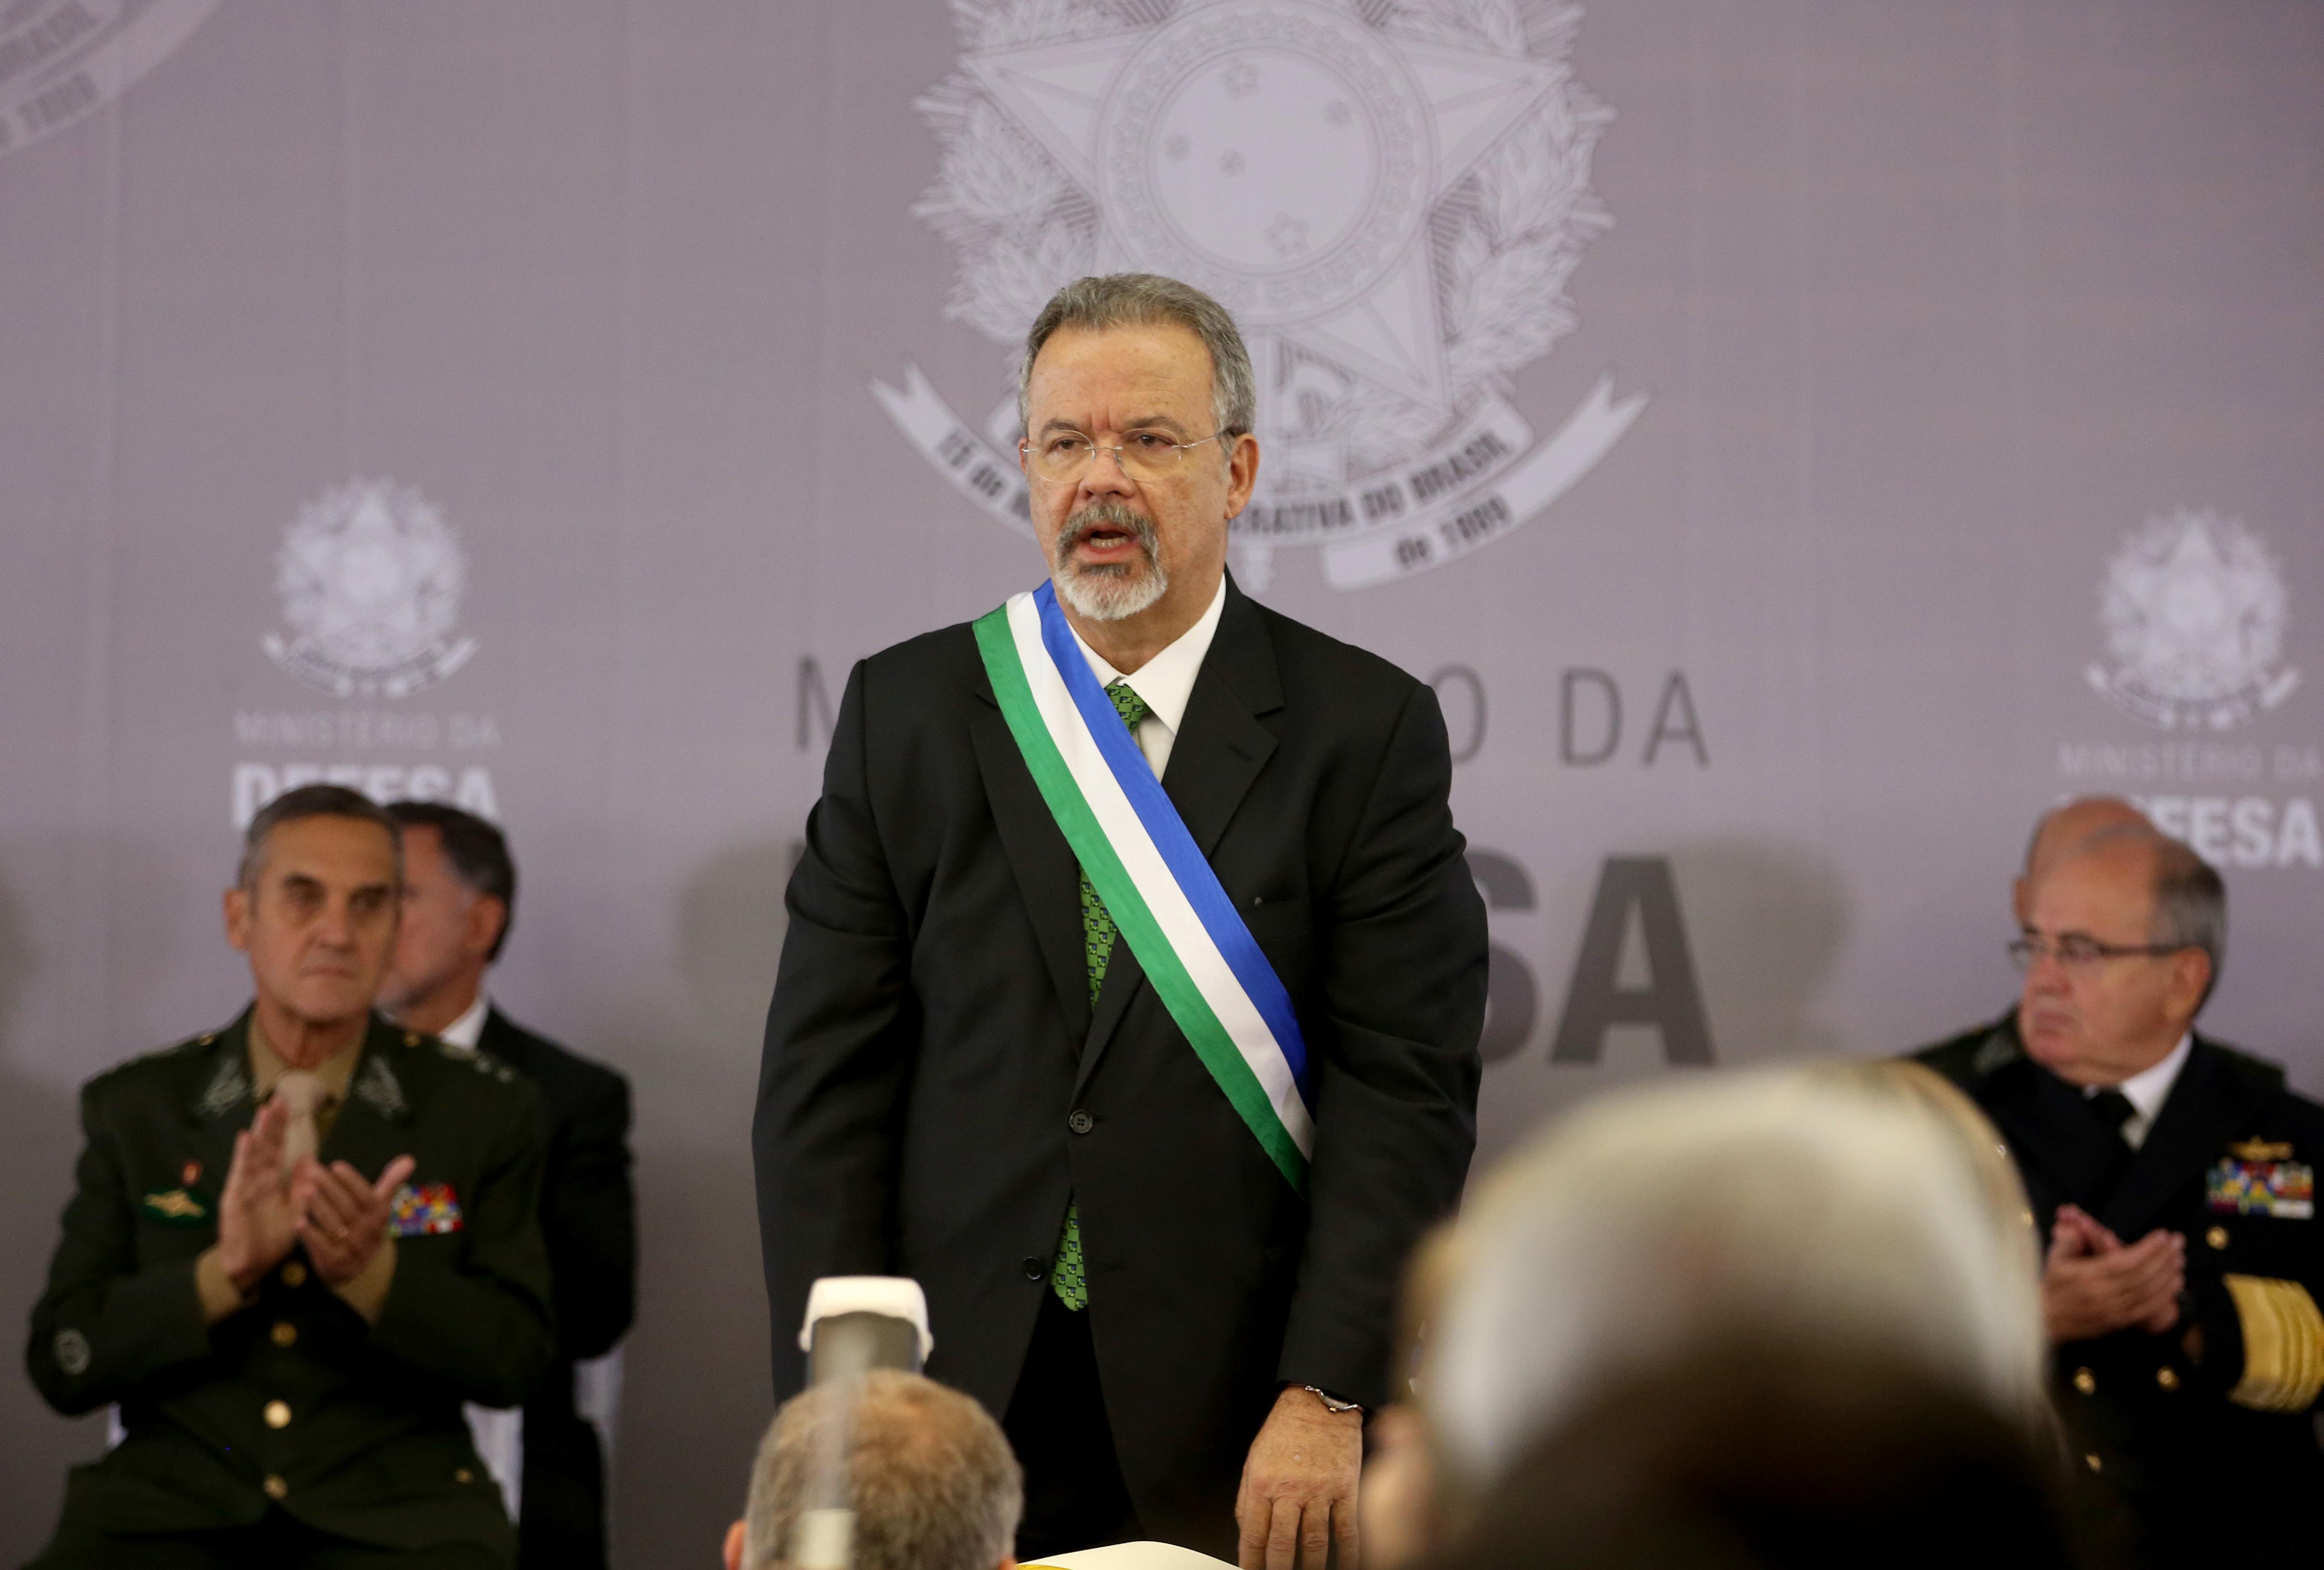 Brasília - O novo ministro da Defesa, Raul Jungmann, toma posse em cerimônia no Clube da Aeronáutica de Brasília (Wilson Dias/Agência Brasil)